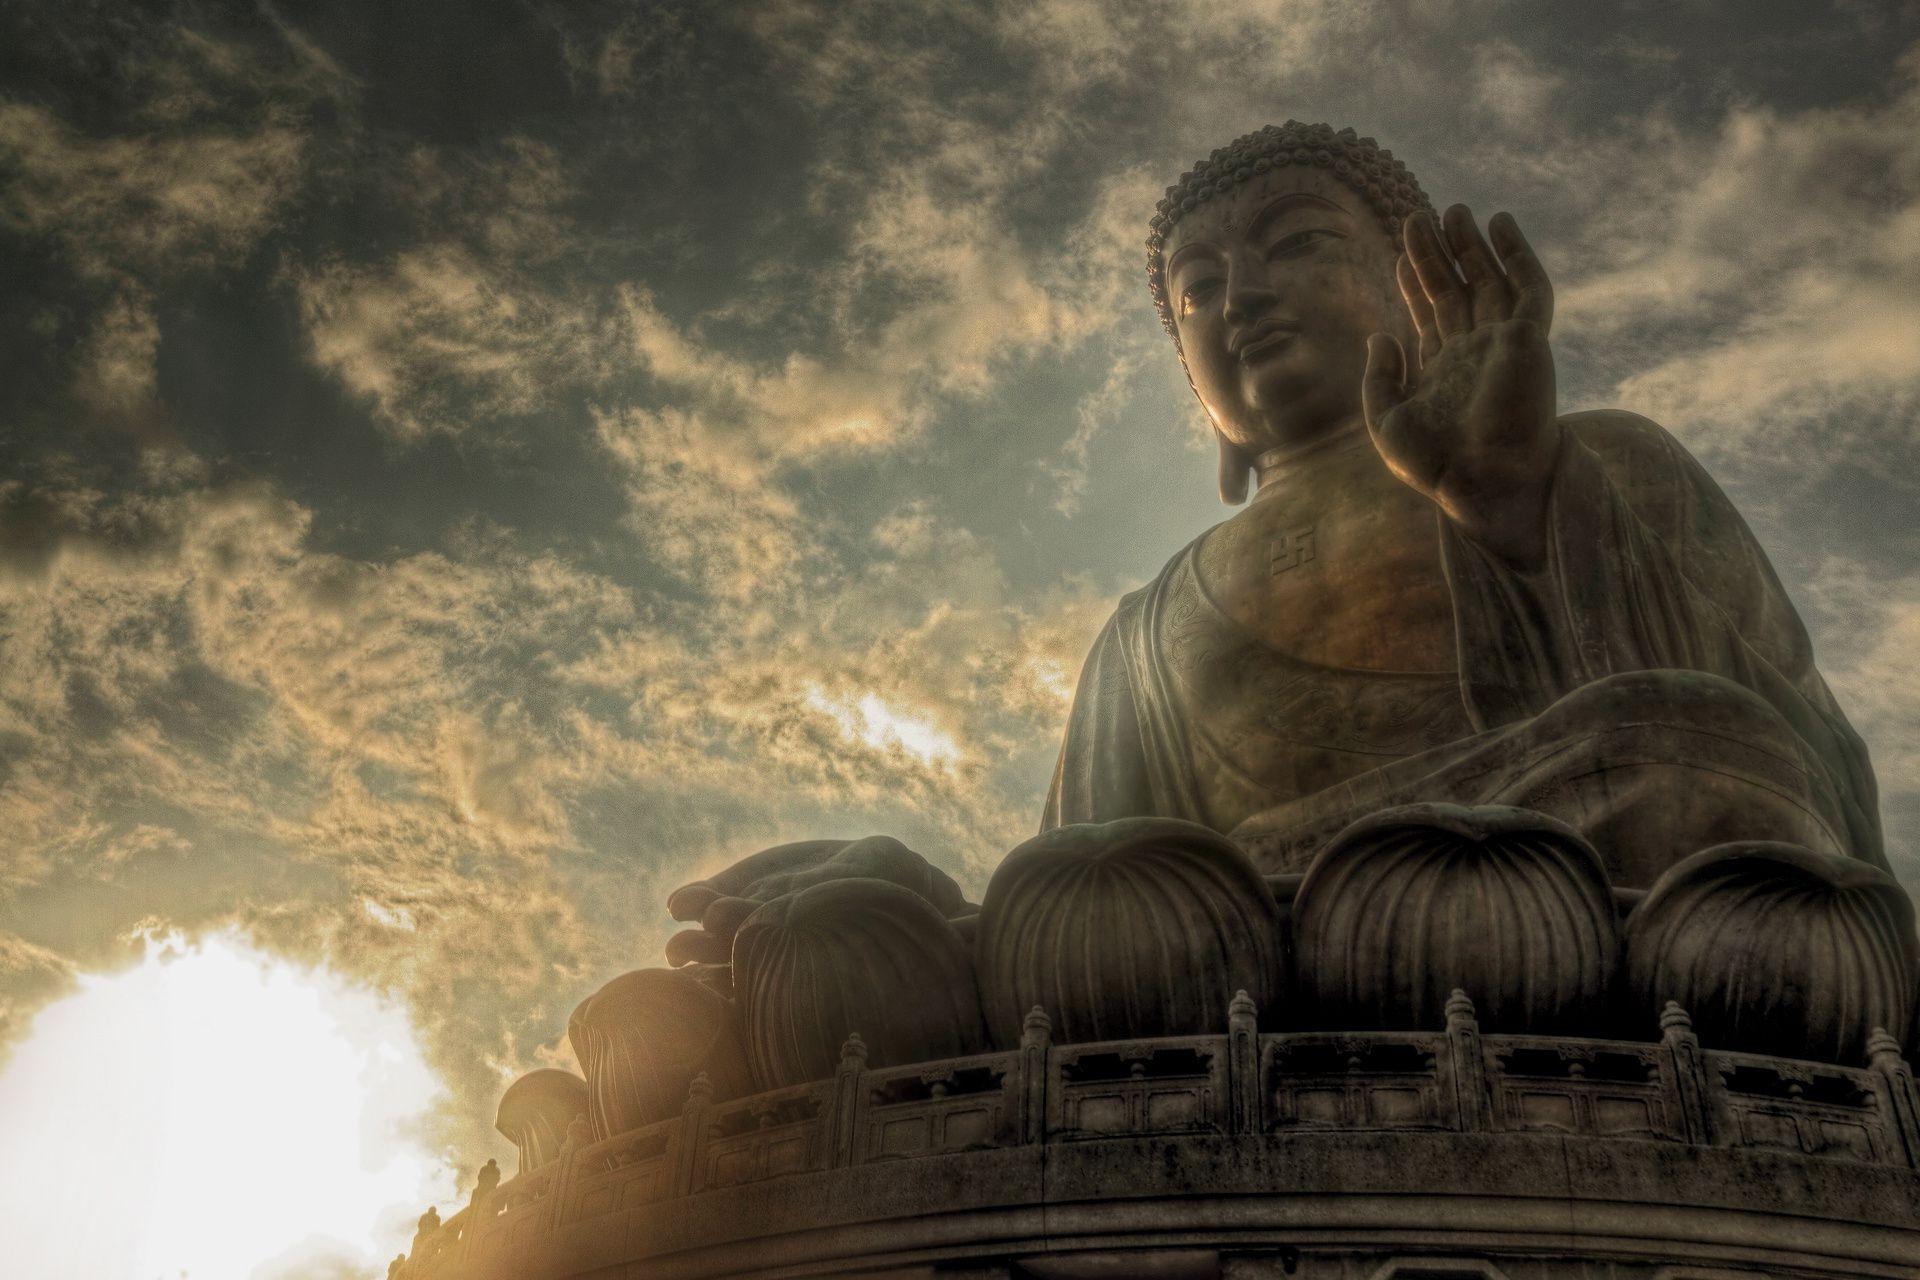 Статуя город небо без смс